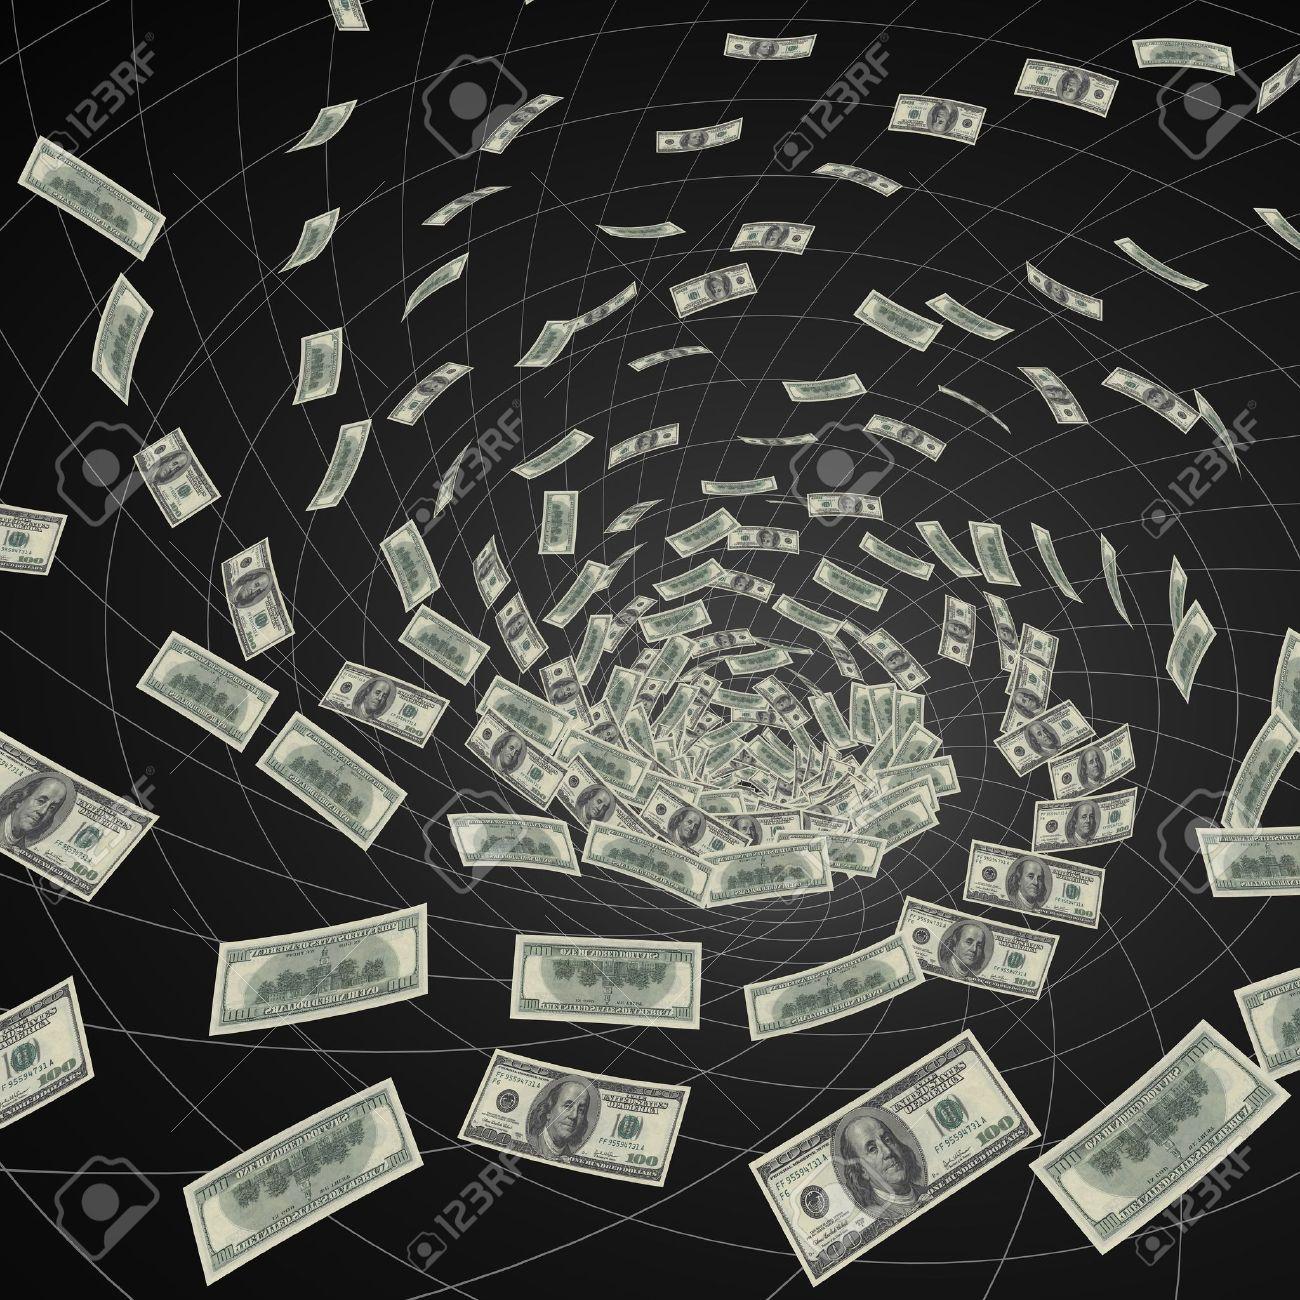 hundred dollar bills  vanishing into black hole Stock Photo - 6469611